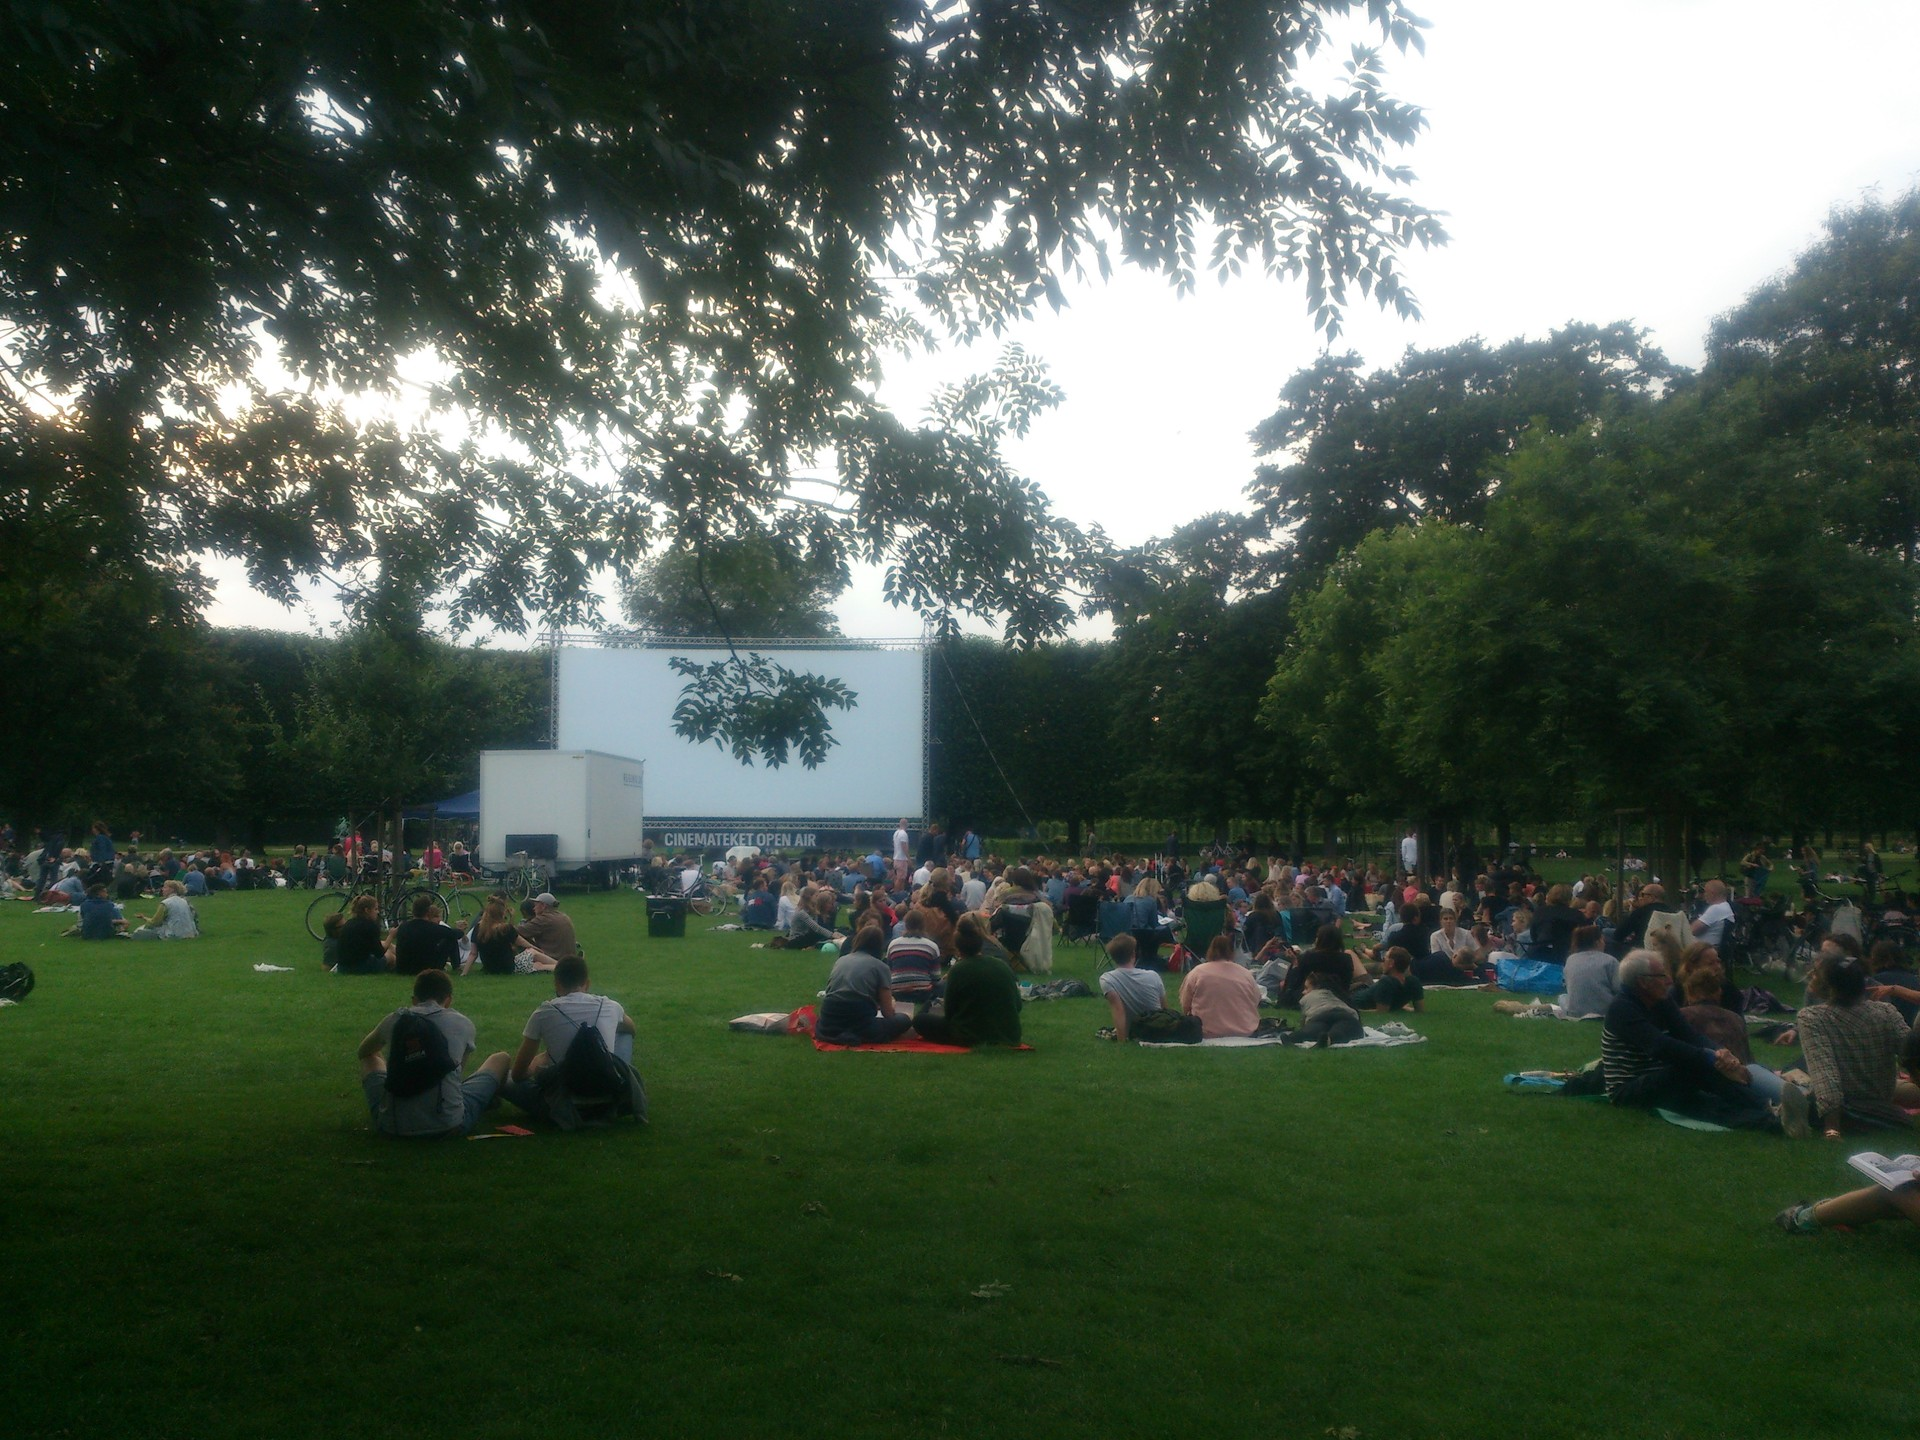 open-air-movie-copenhagen-999fa1e9457403